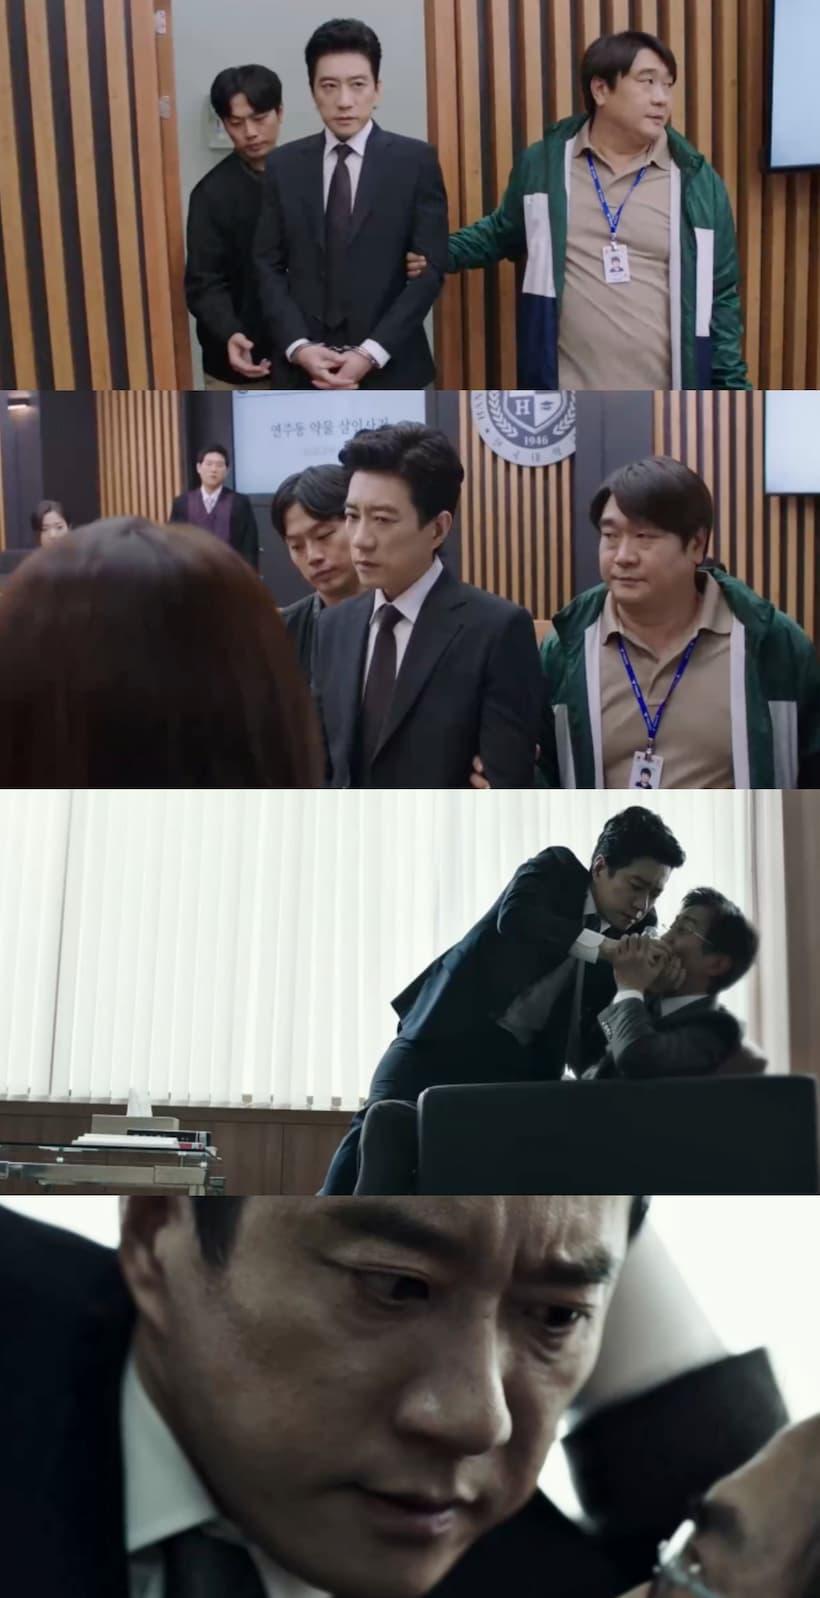 ซีรีส์เกาหลี Law School (2021) ชีวิตนักเรียนกฎหมาย